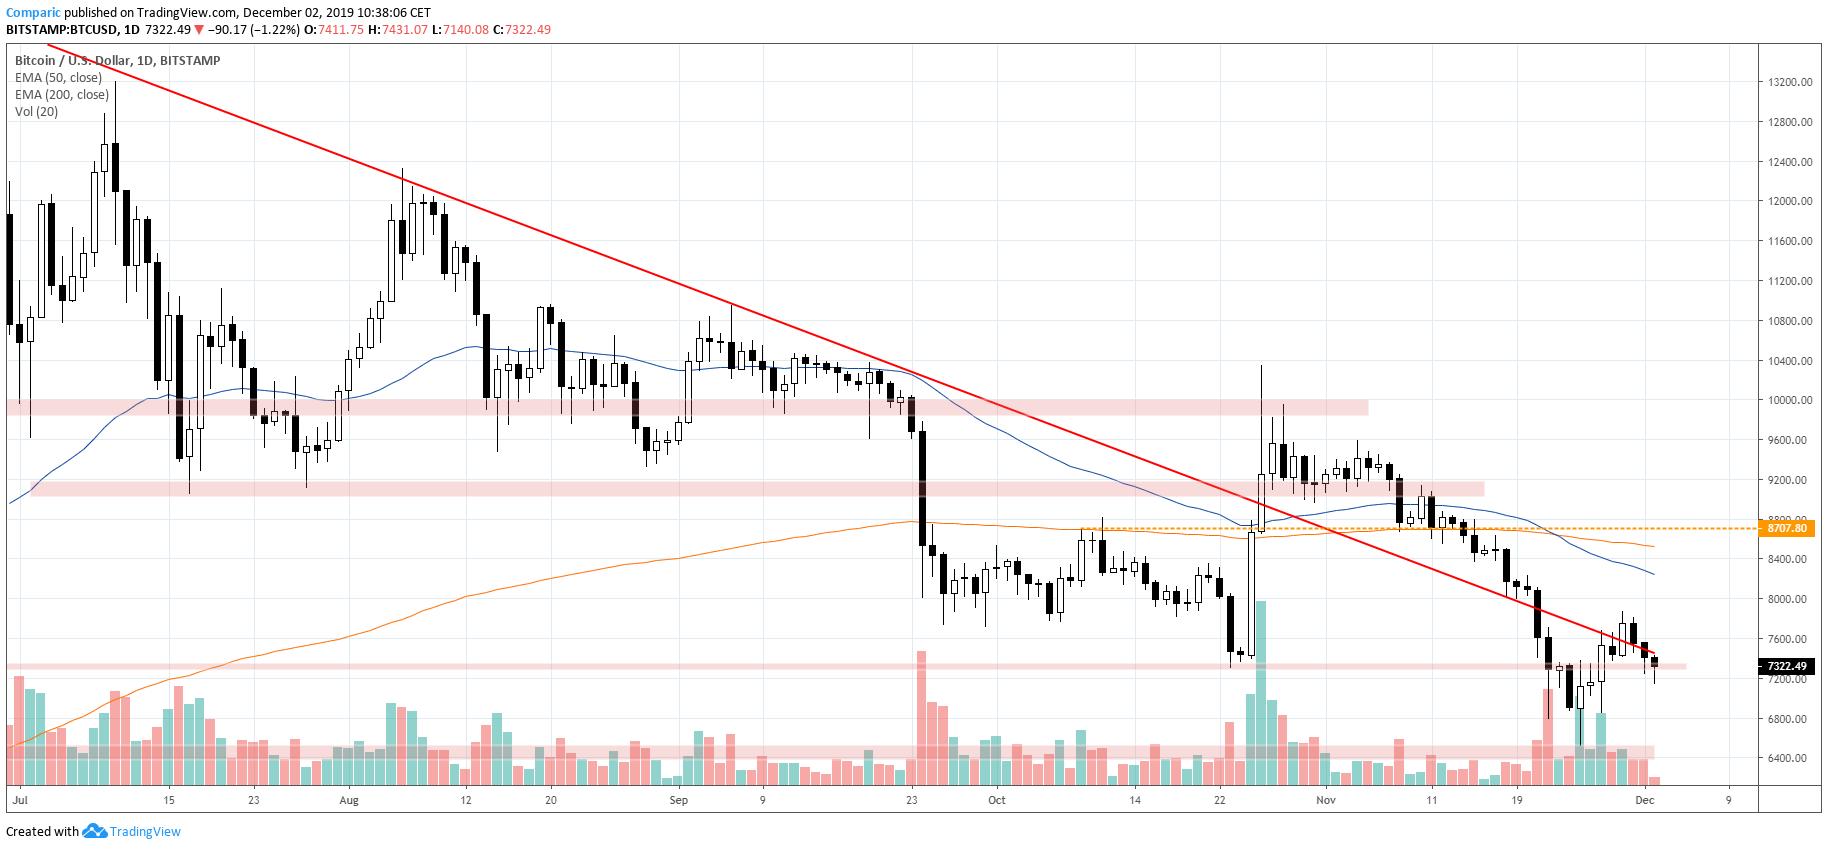 Bitcoin spada w poniedziałek i traci 3. dzień z rzędu. Źródło: Tradingview.com